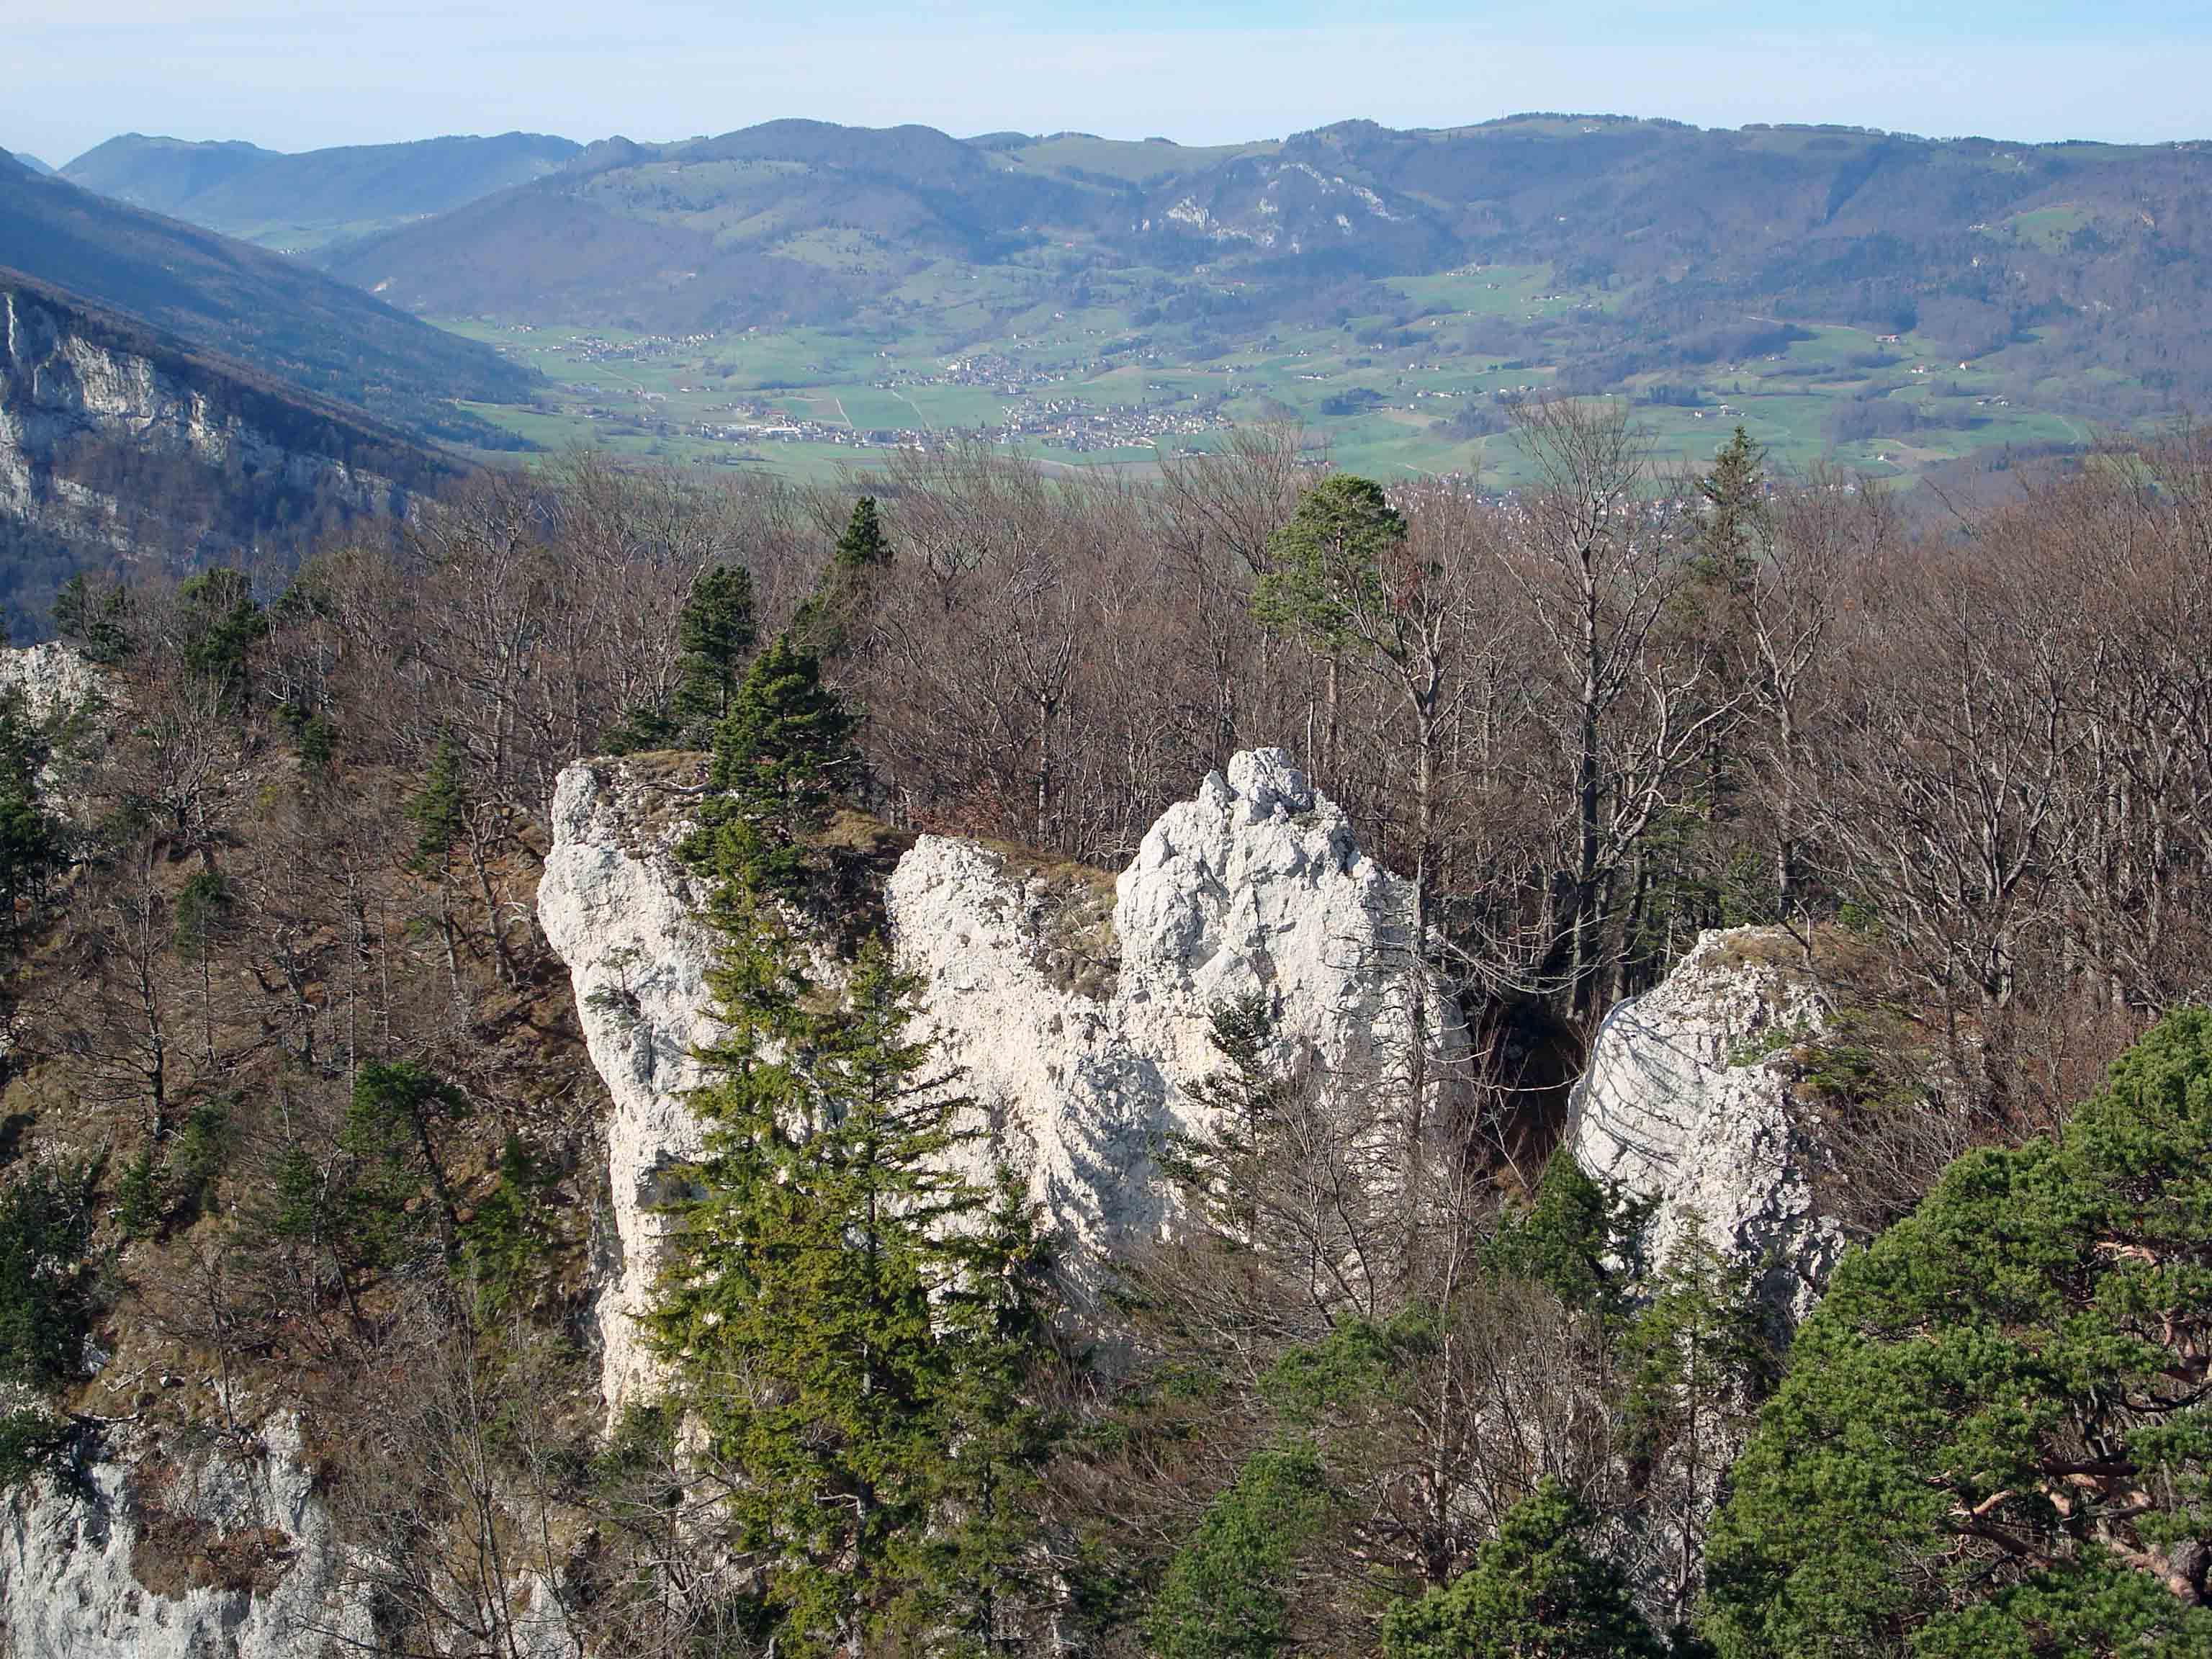 """Blick in die Landchaft """"Thal"""" von der Roggenfluh aus"""